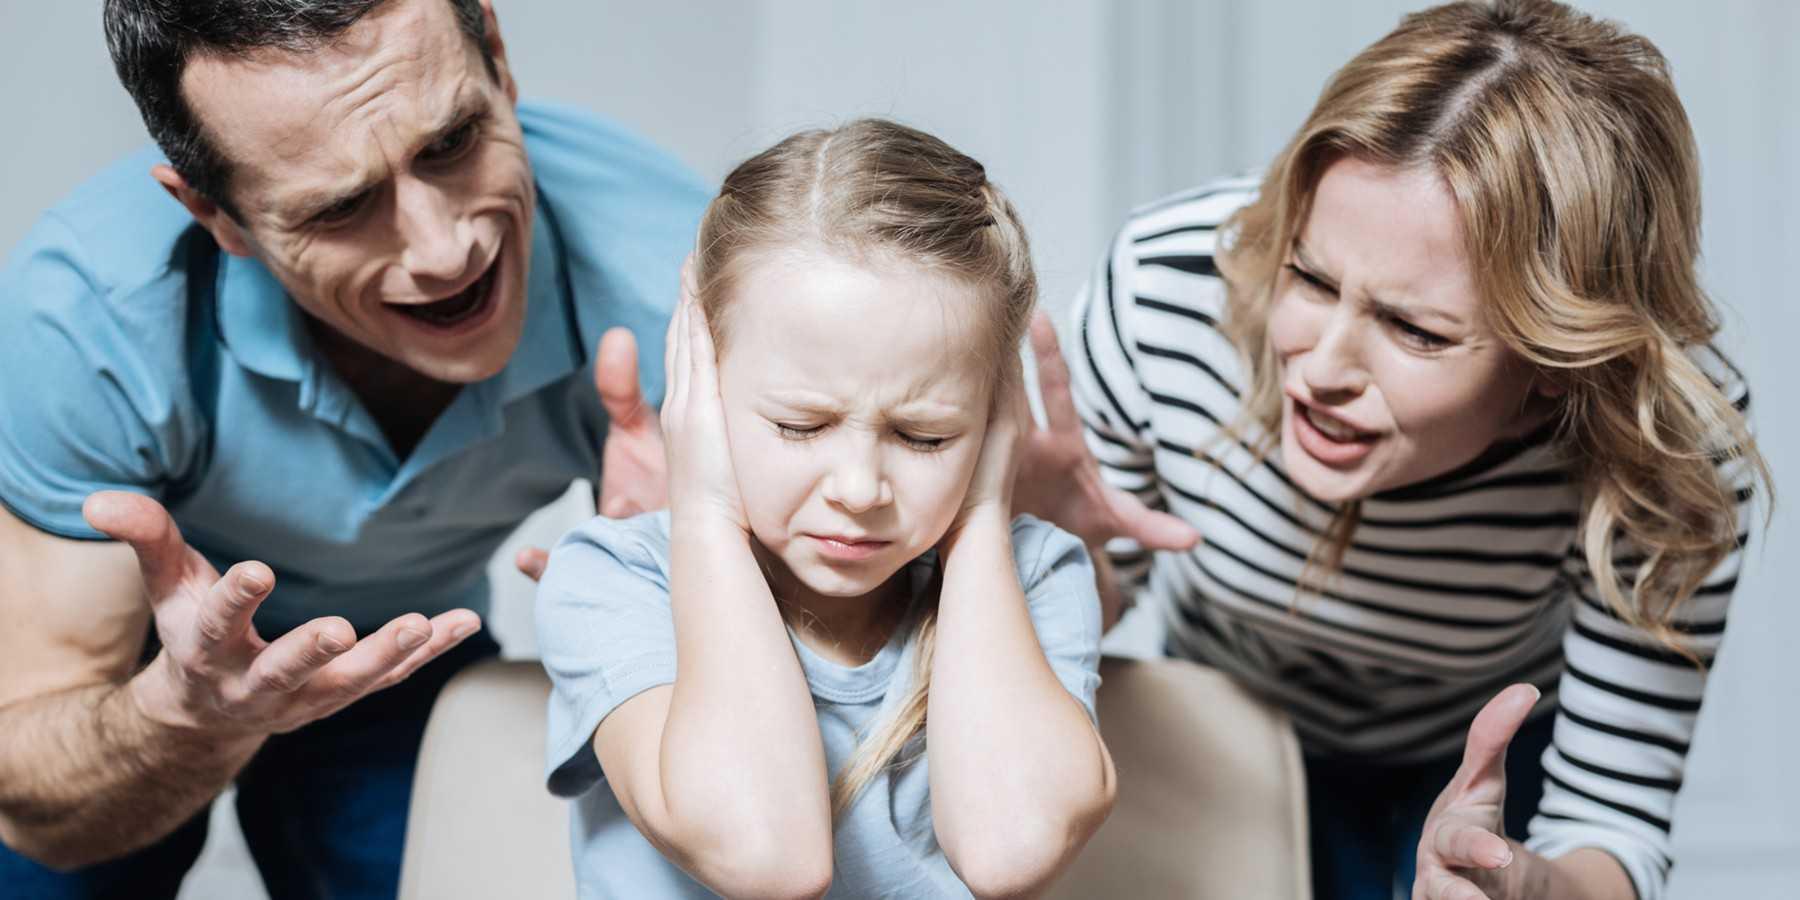 Топ-10 ужасных фраз родителей, которые нельзя говорить детям